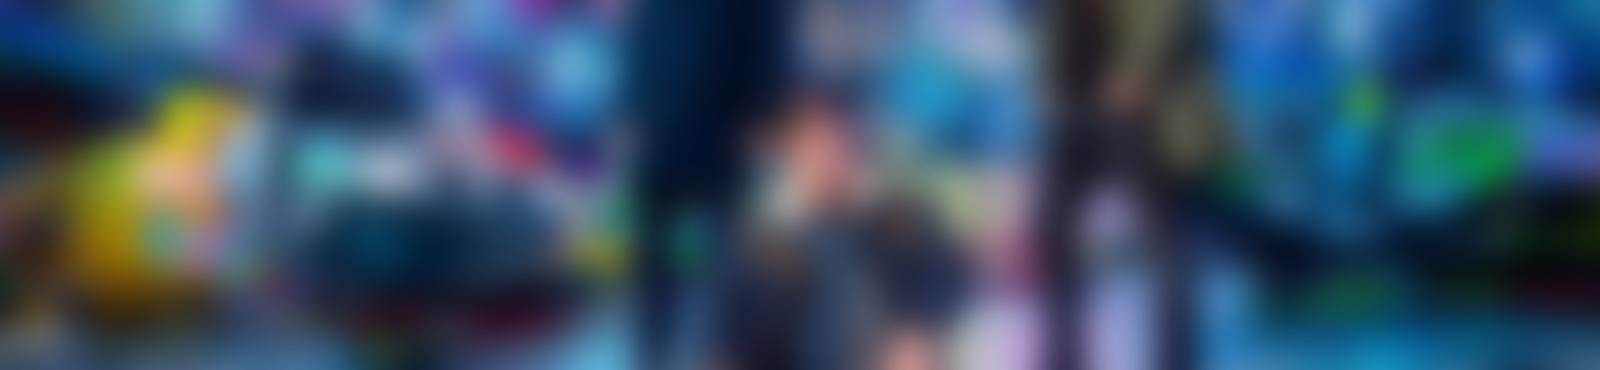 Blurred e693c715 9923 498c 885f d4ef837eef7a